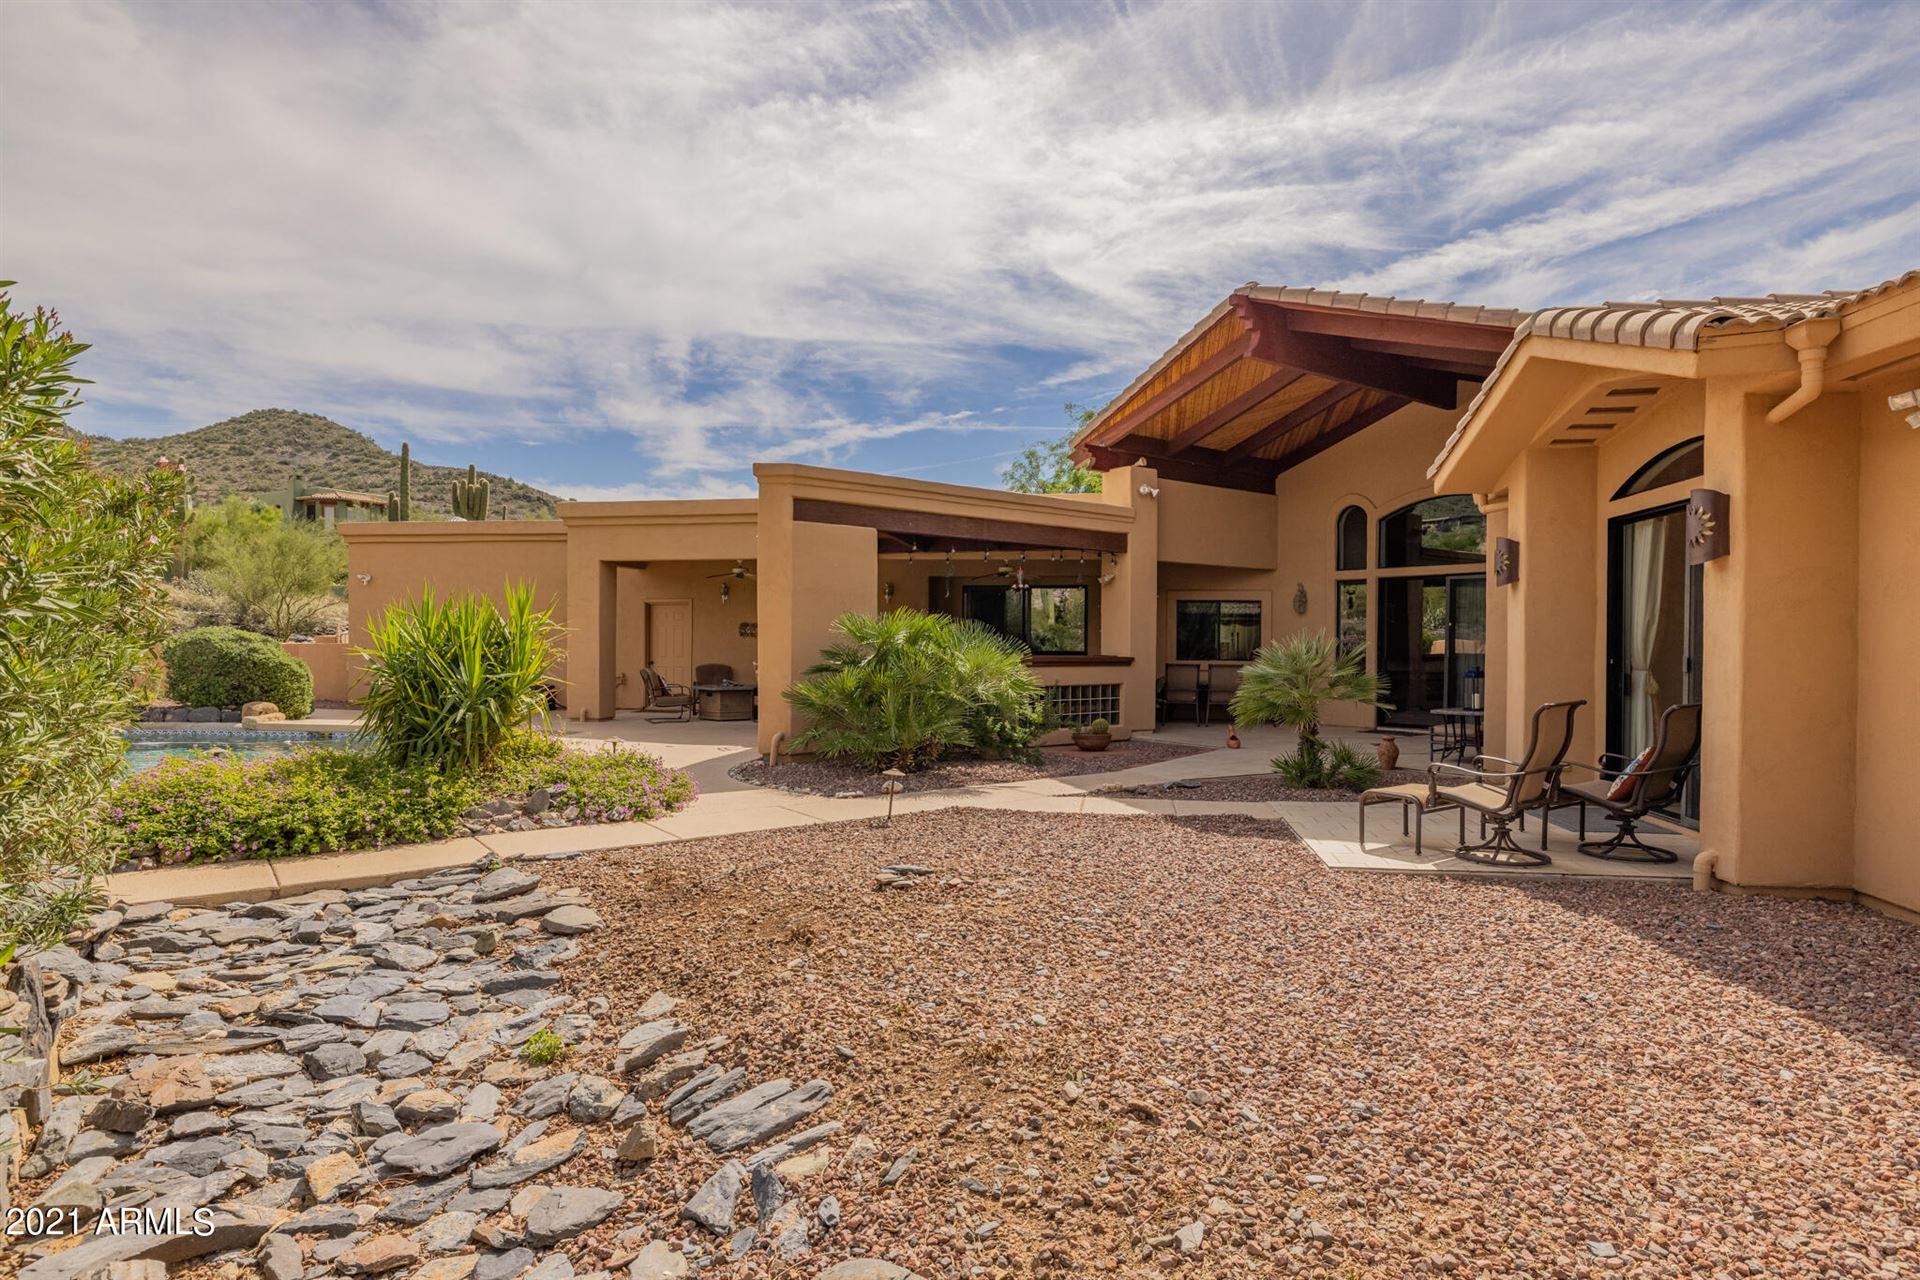 Photo of 5830 E RESTIN Road, Cave Creek, AZ 85331 (MLS # 6306552)